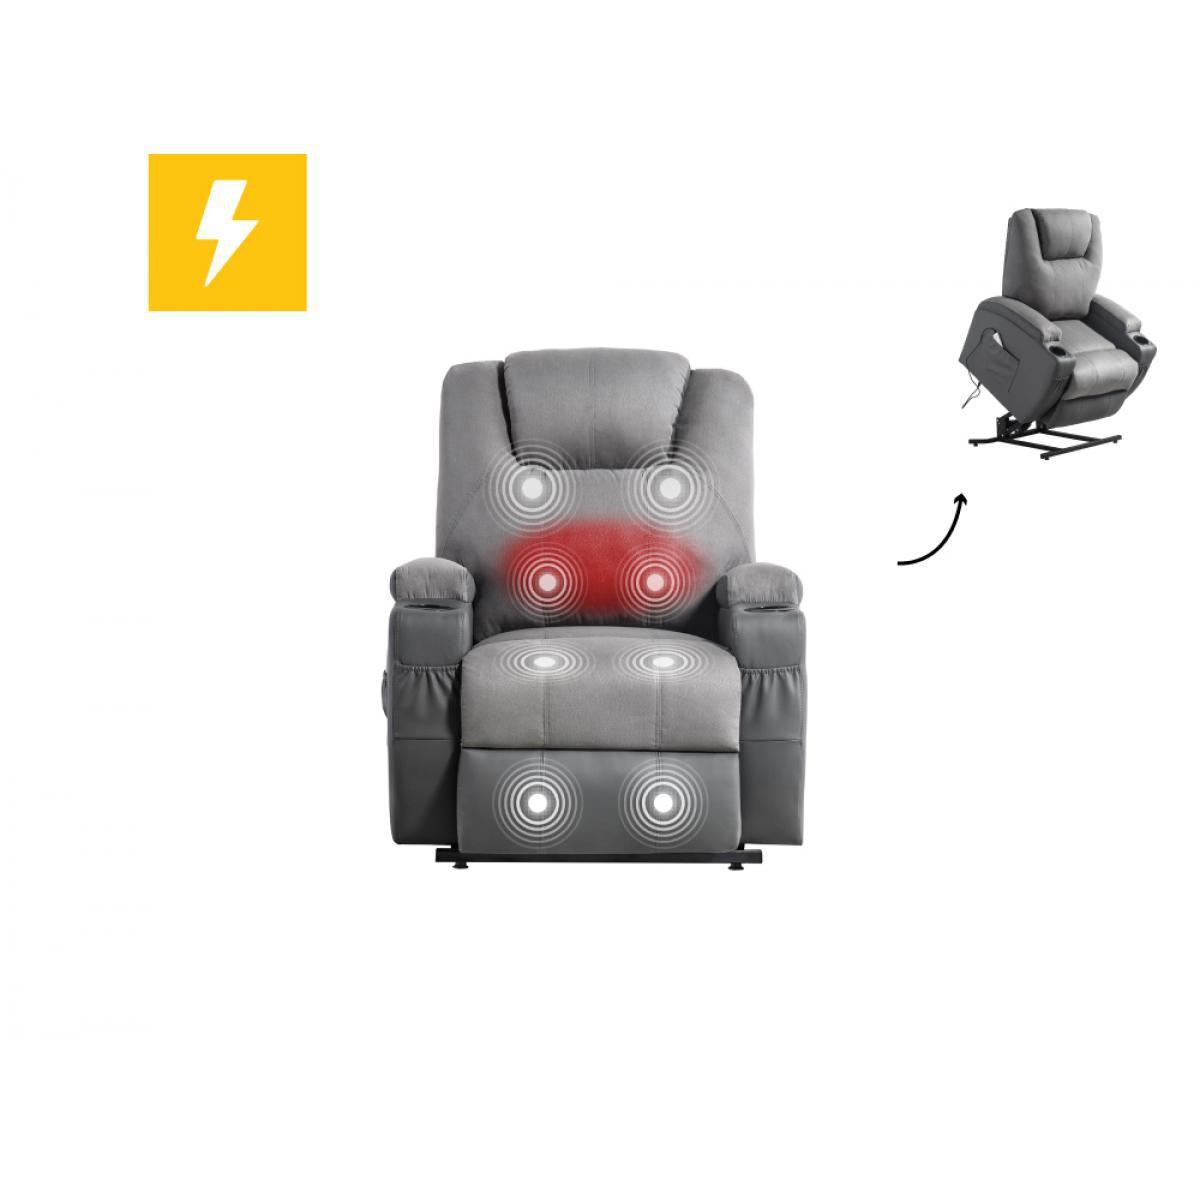 Usinestreet Fauteuil de relaxation massant chauffant FRED électrique et releveur en Microfibre / Simili - Couleur - Gris